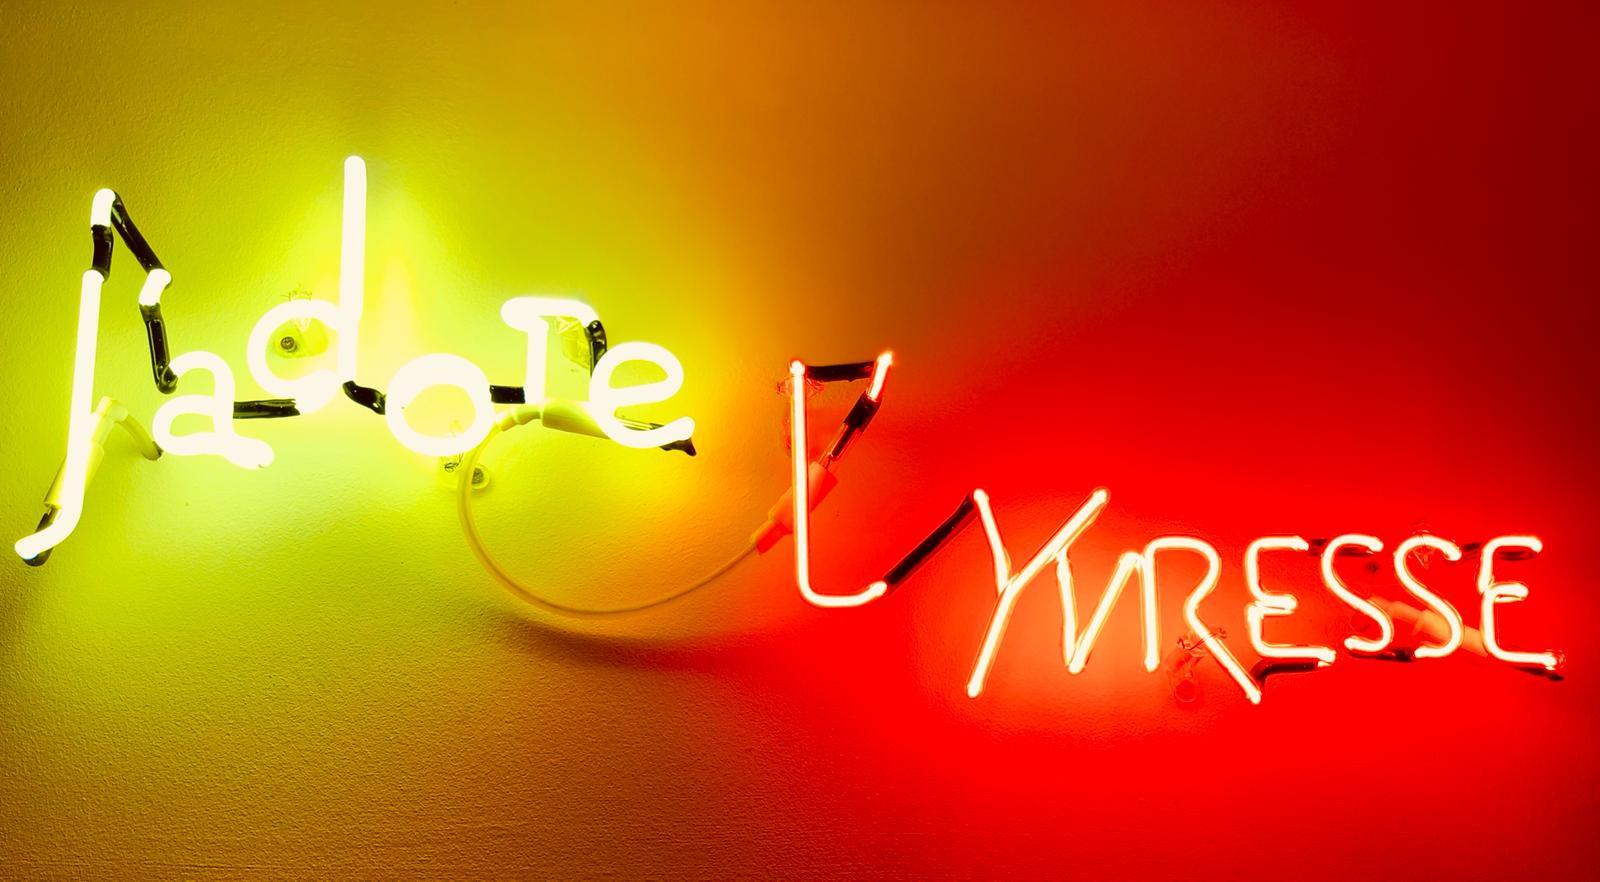 J'Adore l'Yvresse, 40/70 cm, édition de 5 et 3 épreuves d'artiste.